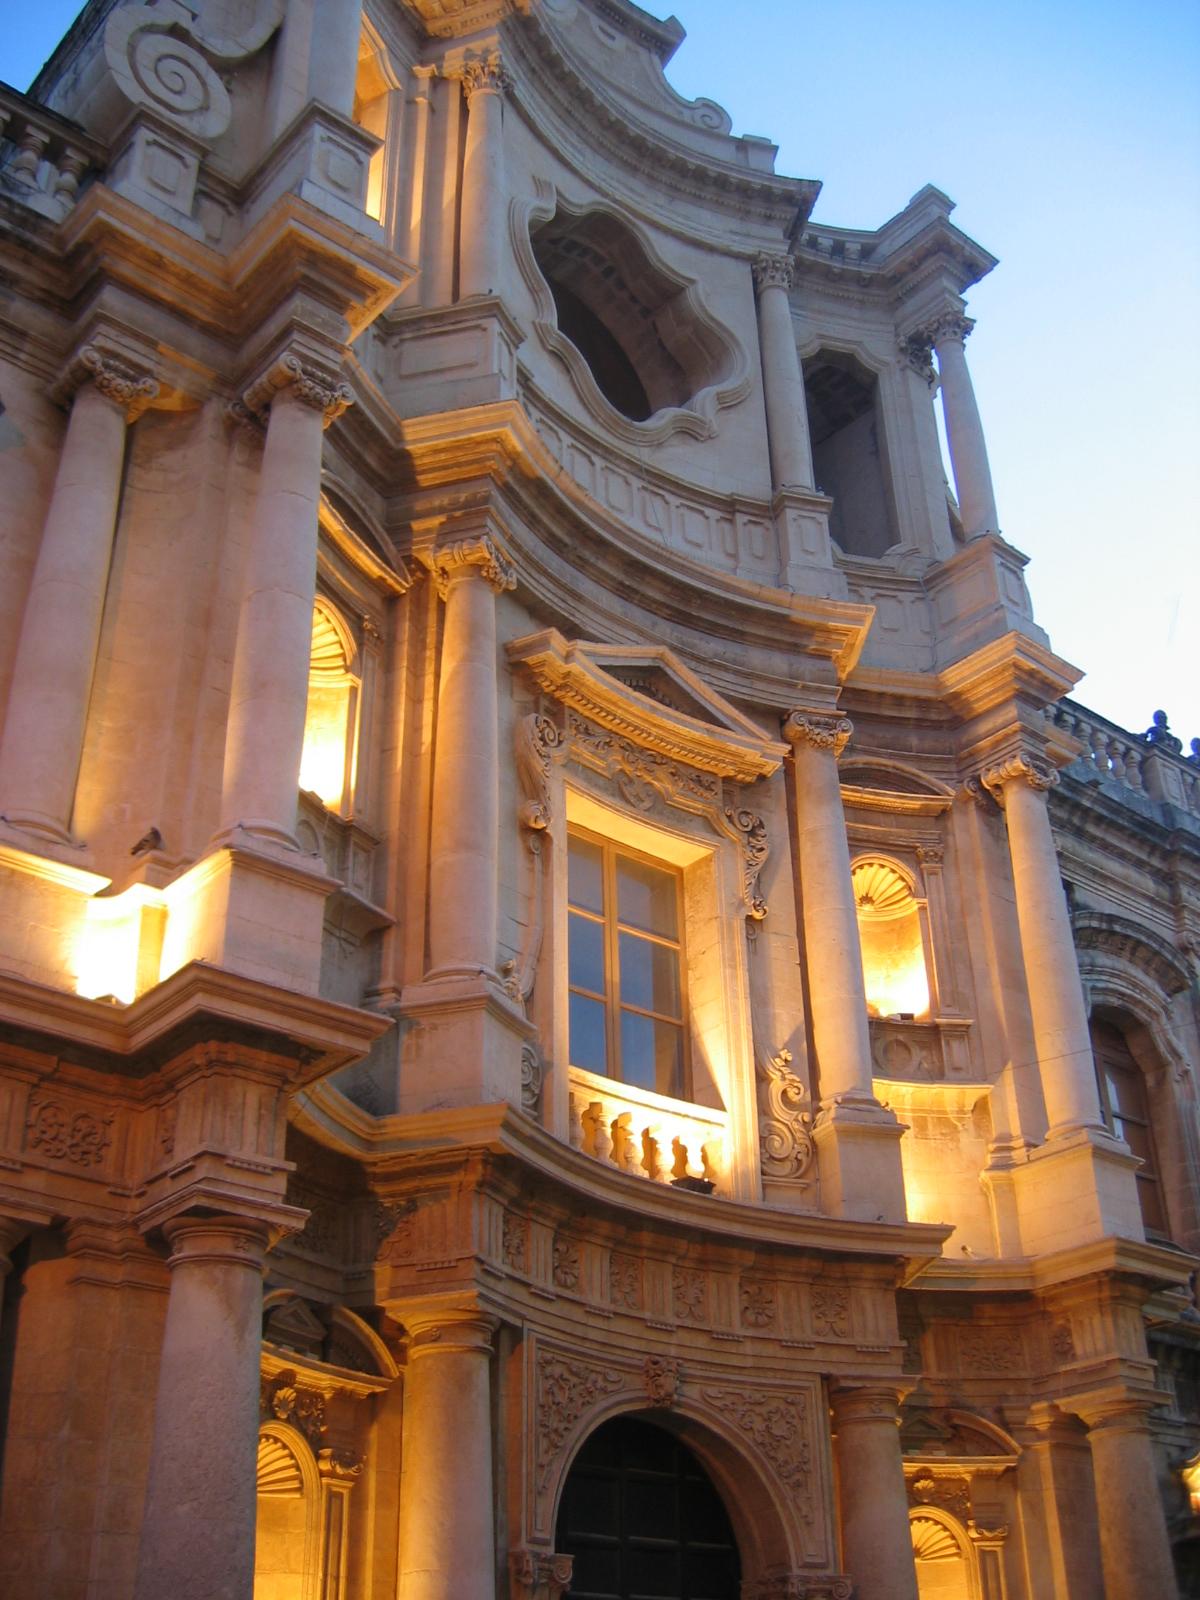 Arquitetura barroca wikip dia a enciclop dia livre for Casa moderna wiki